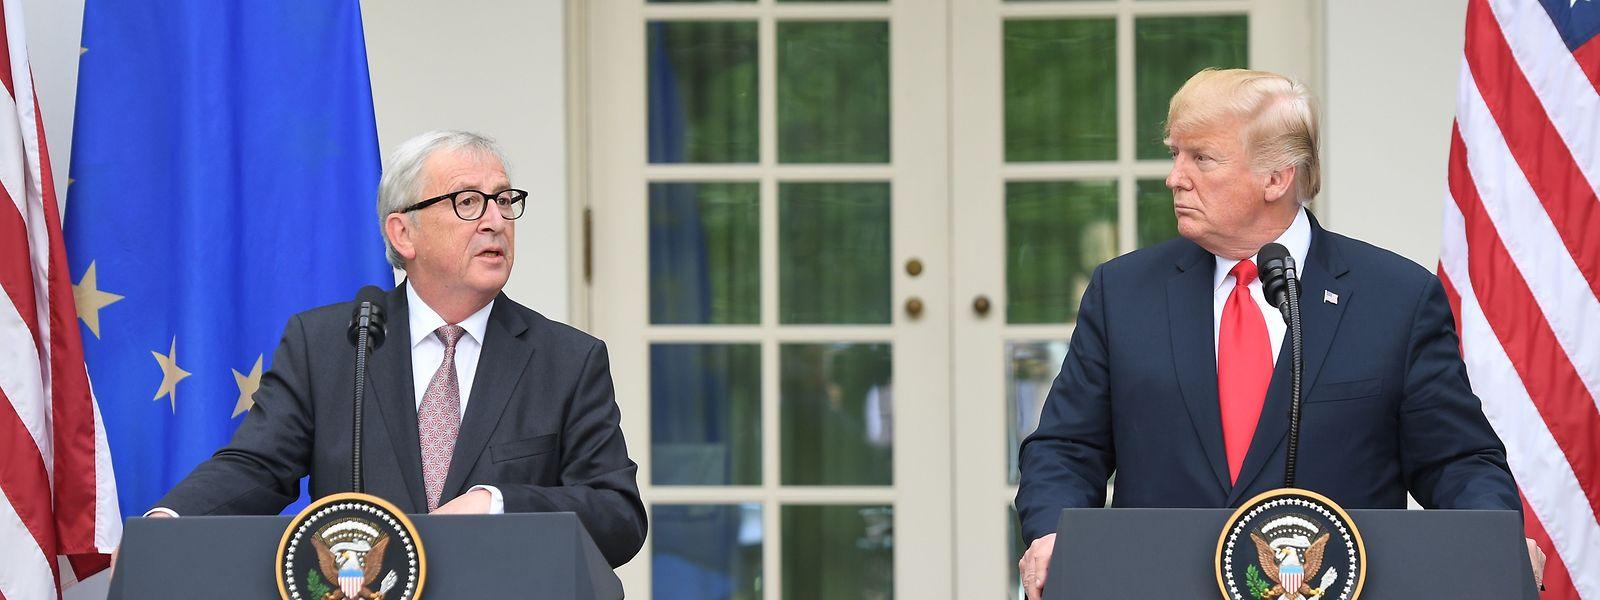 Juncker und Trump hatten sich im Juli in Washington getroffen.